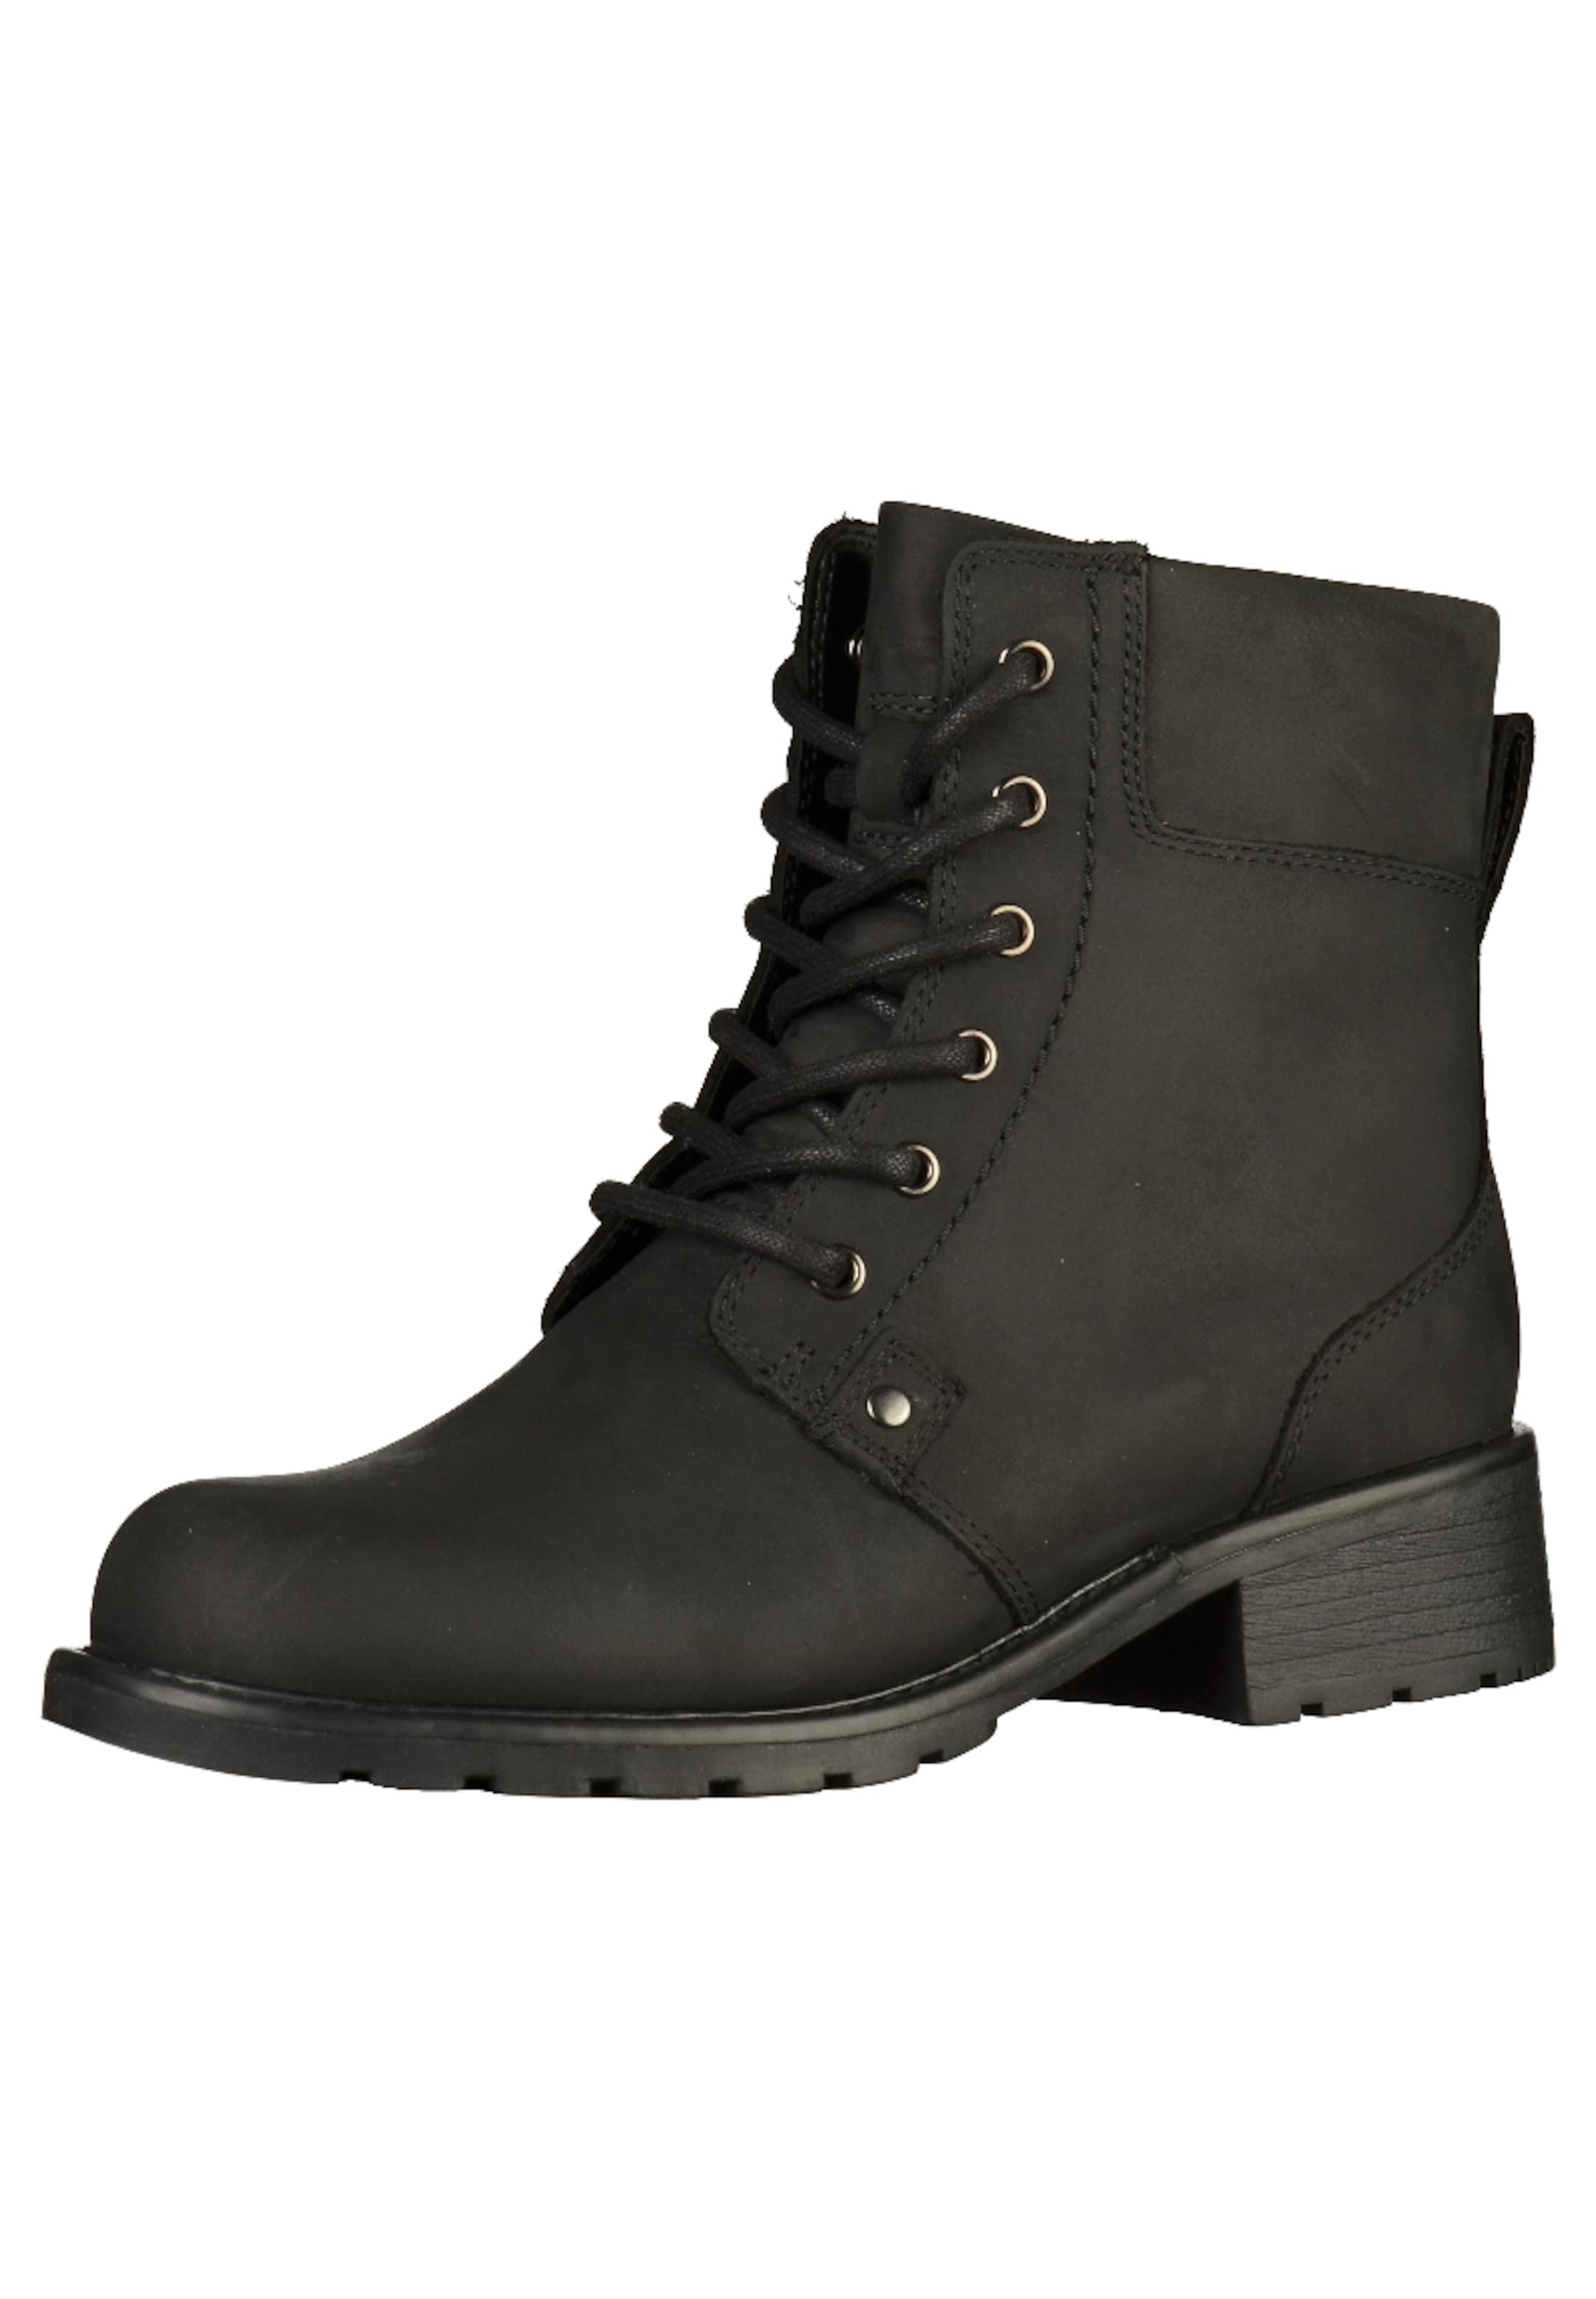 CLARKS Stiefelette Verschleißfeste billige Schuhe Hohe Qualität